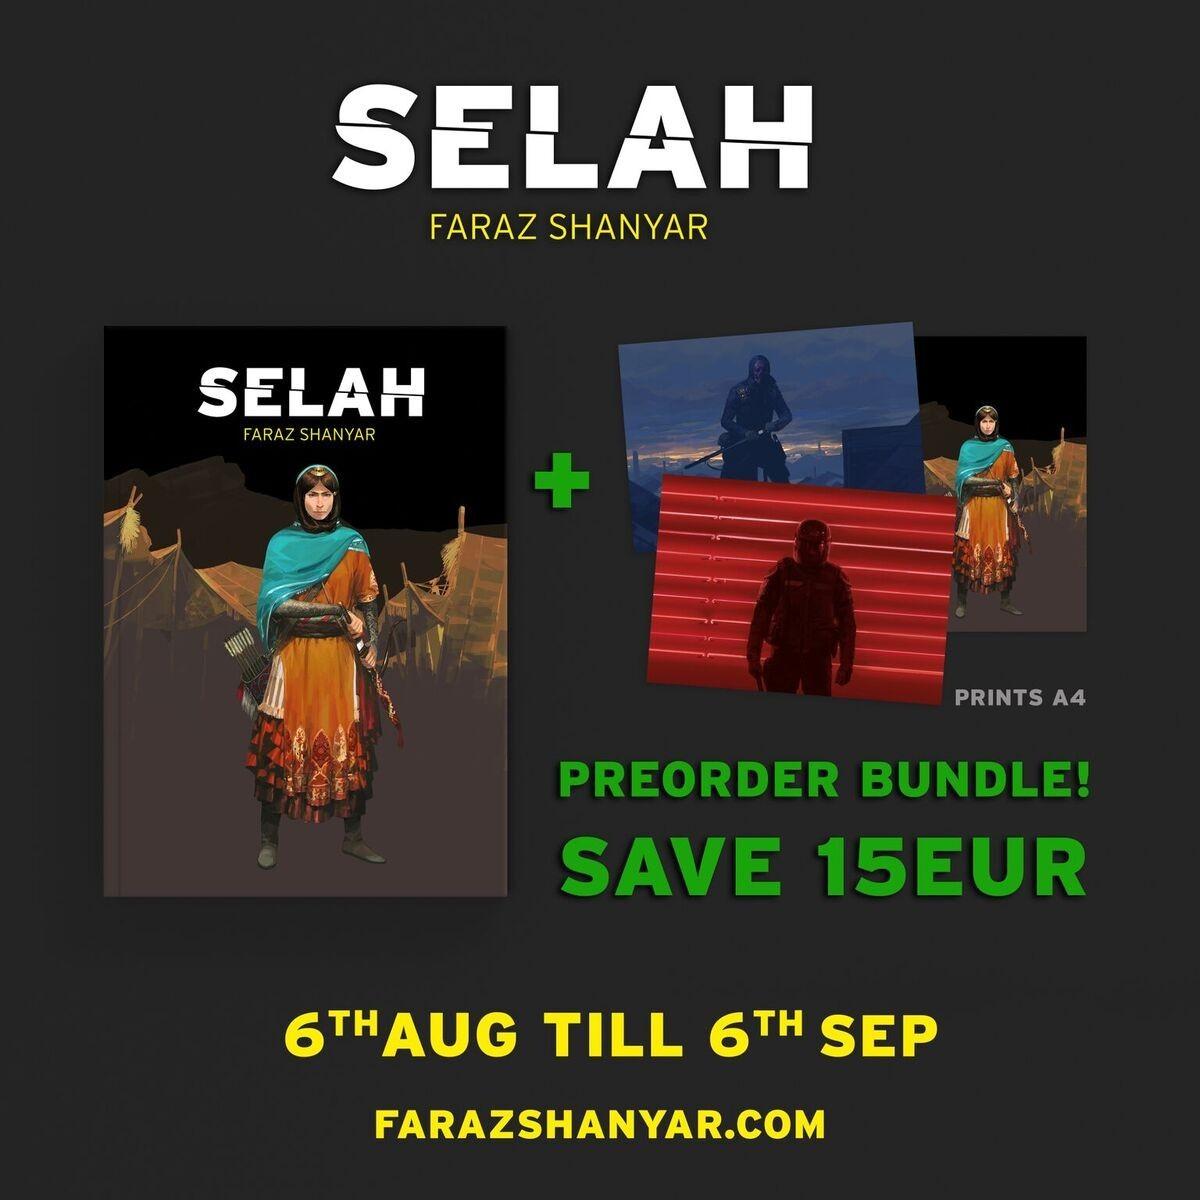 Selah - Faraz SHANYAR